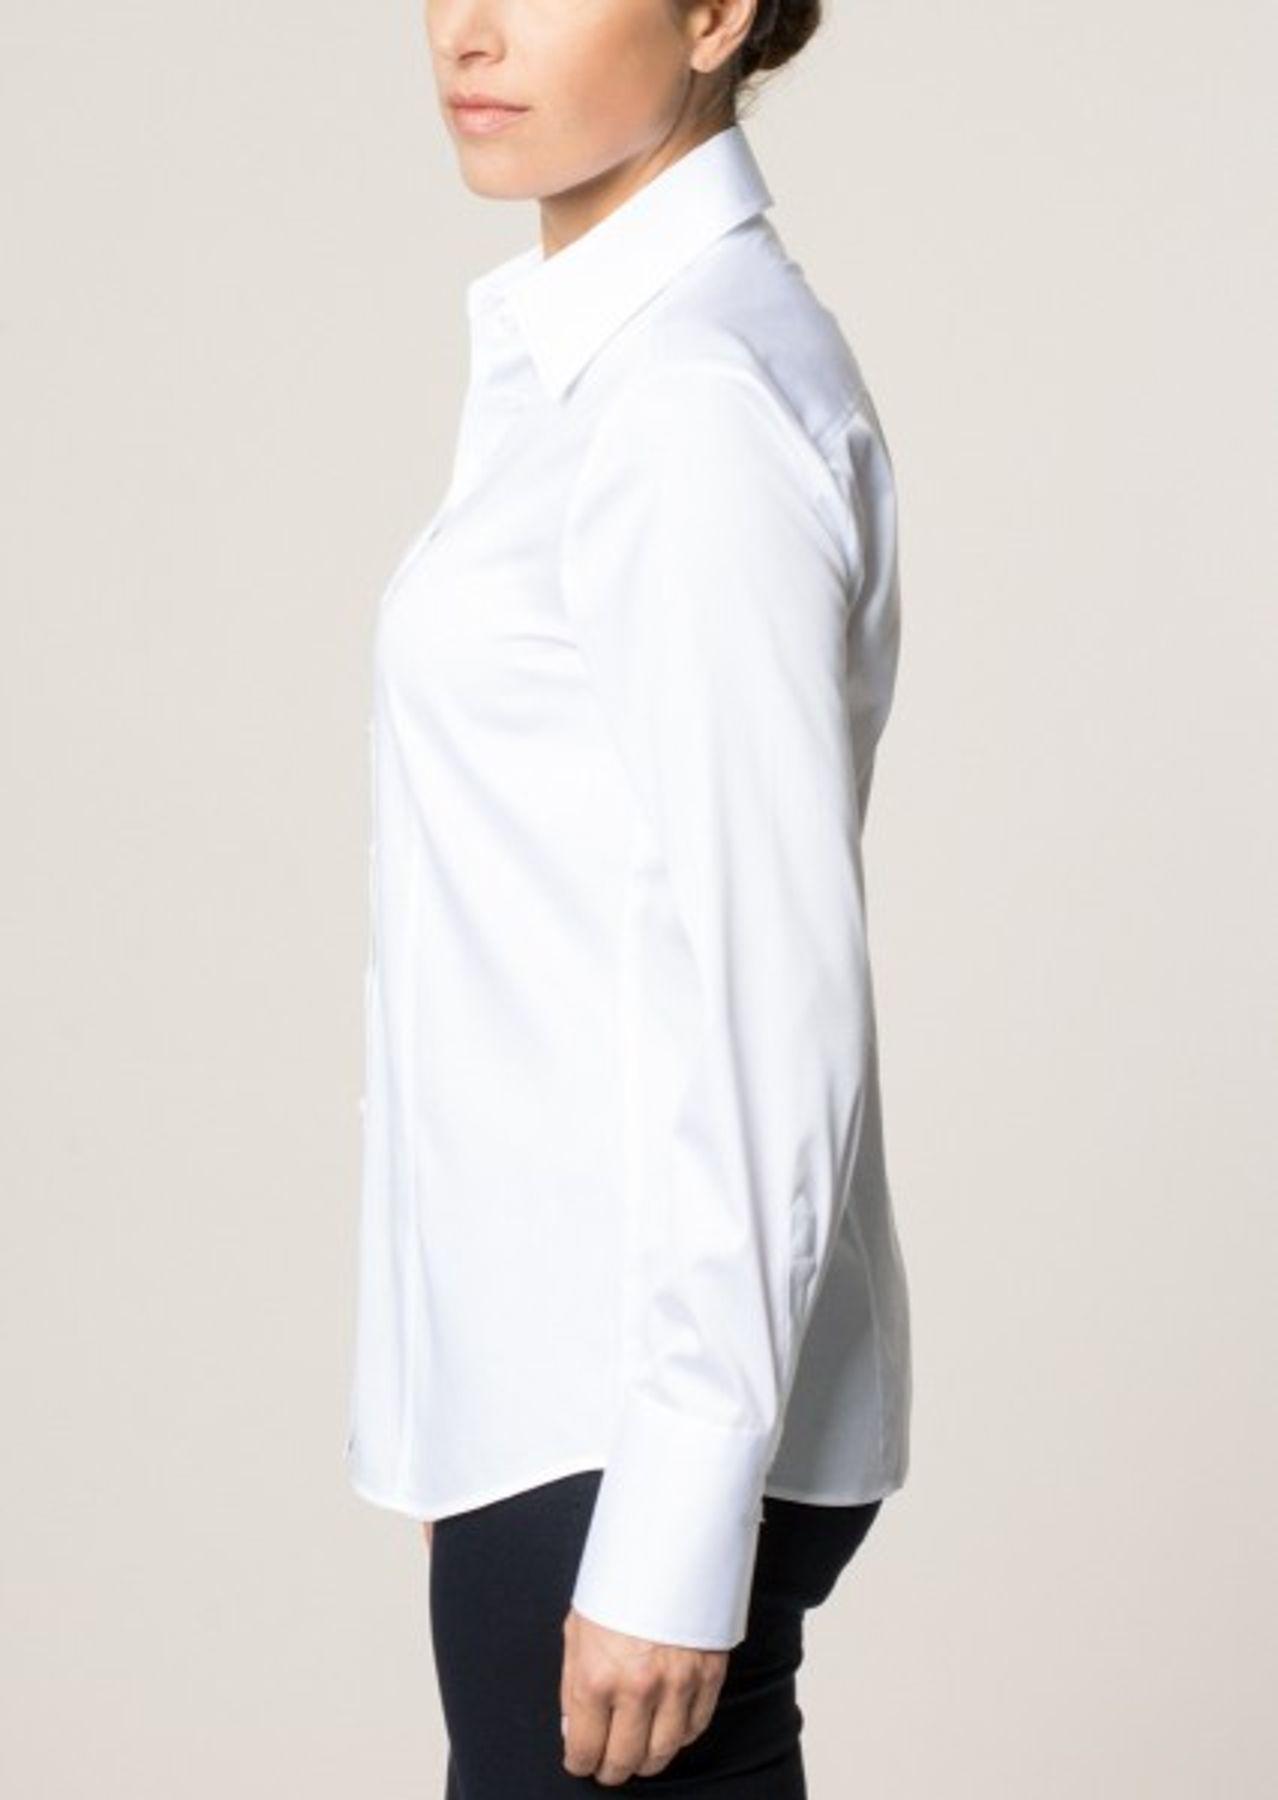 Eterna -  Comfort-Fit - Bügelfreie Damen Bluse Langarm in Weiß, Blau oder Rosé (5352 D624) – Bild 5